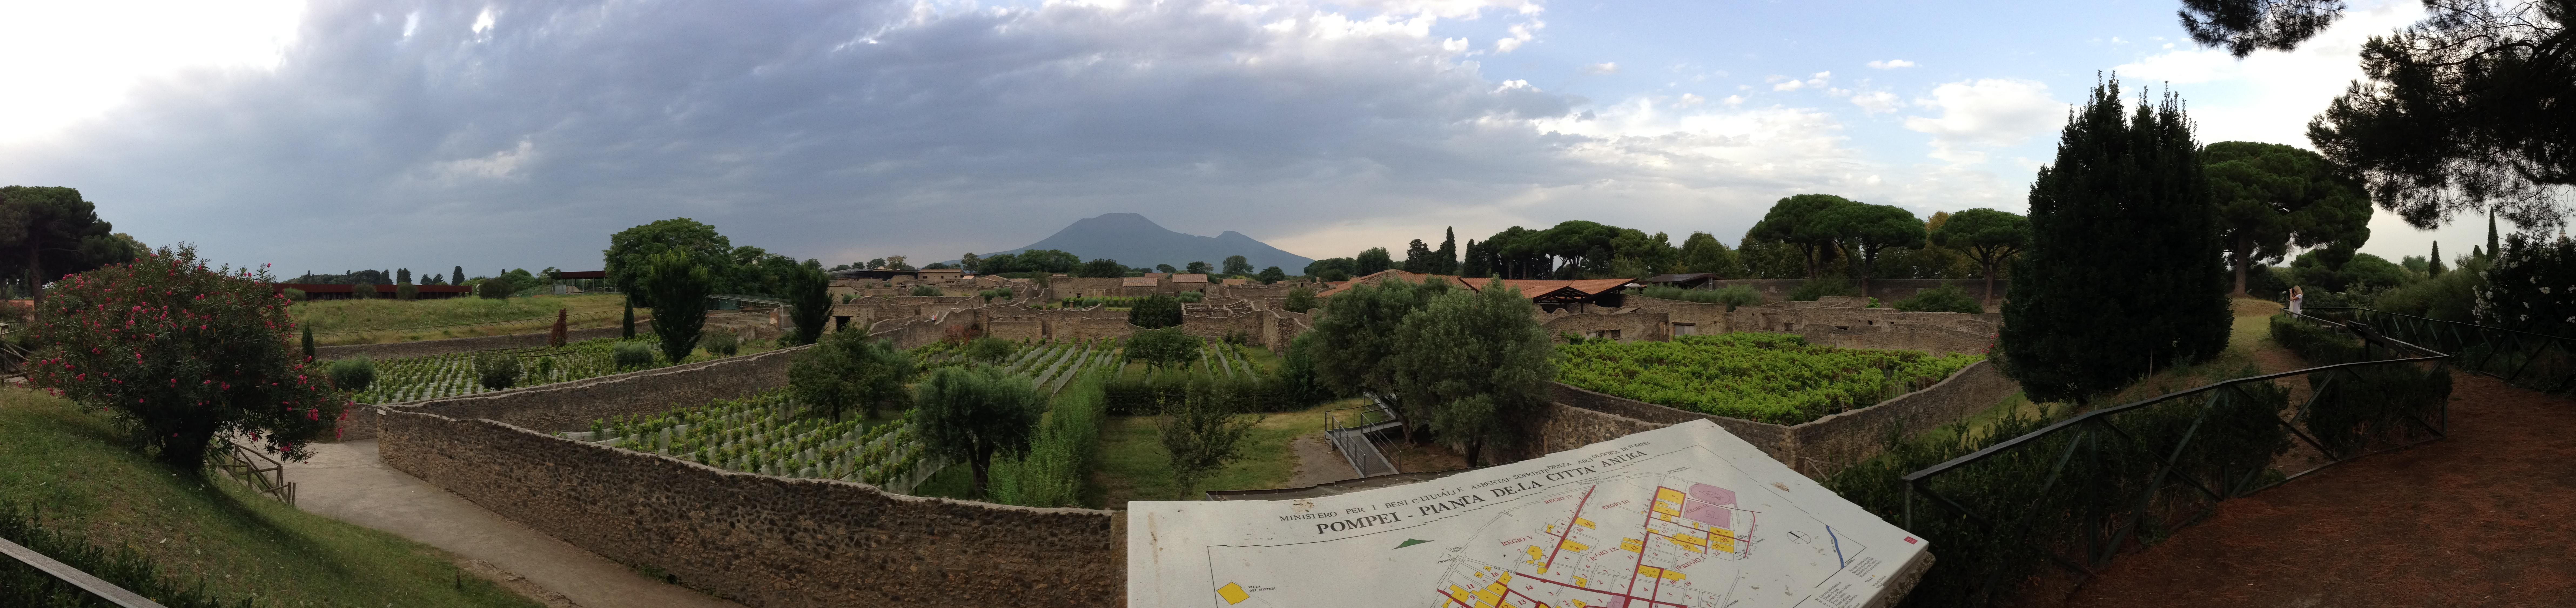 Панорама раскопок древнего города Помпеи, 2014 год. На заднем плане виден вулкан Везувий.